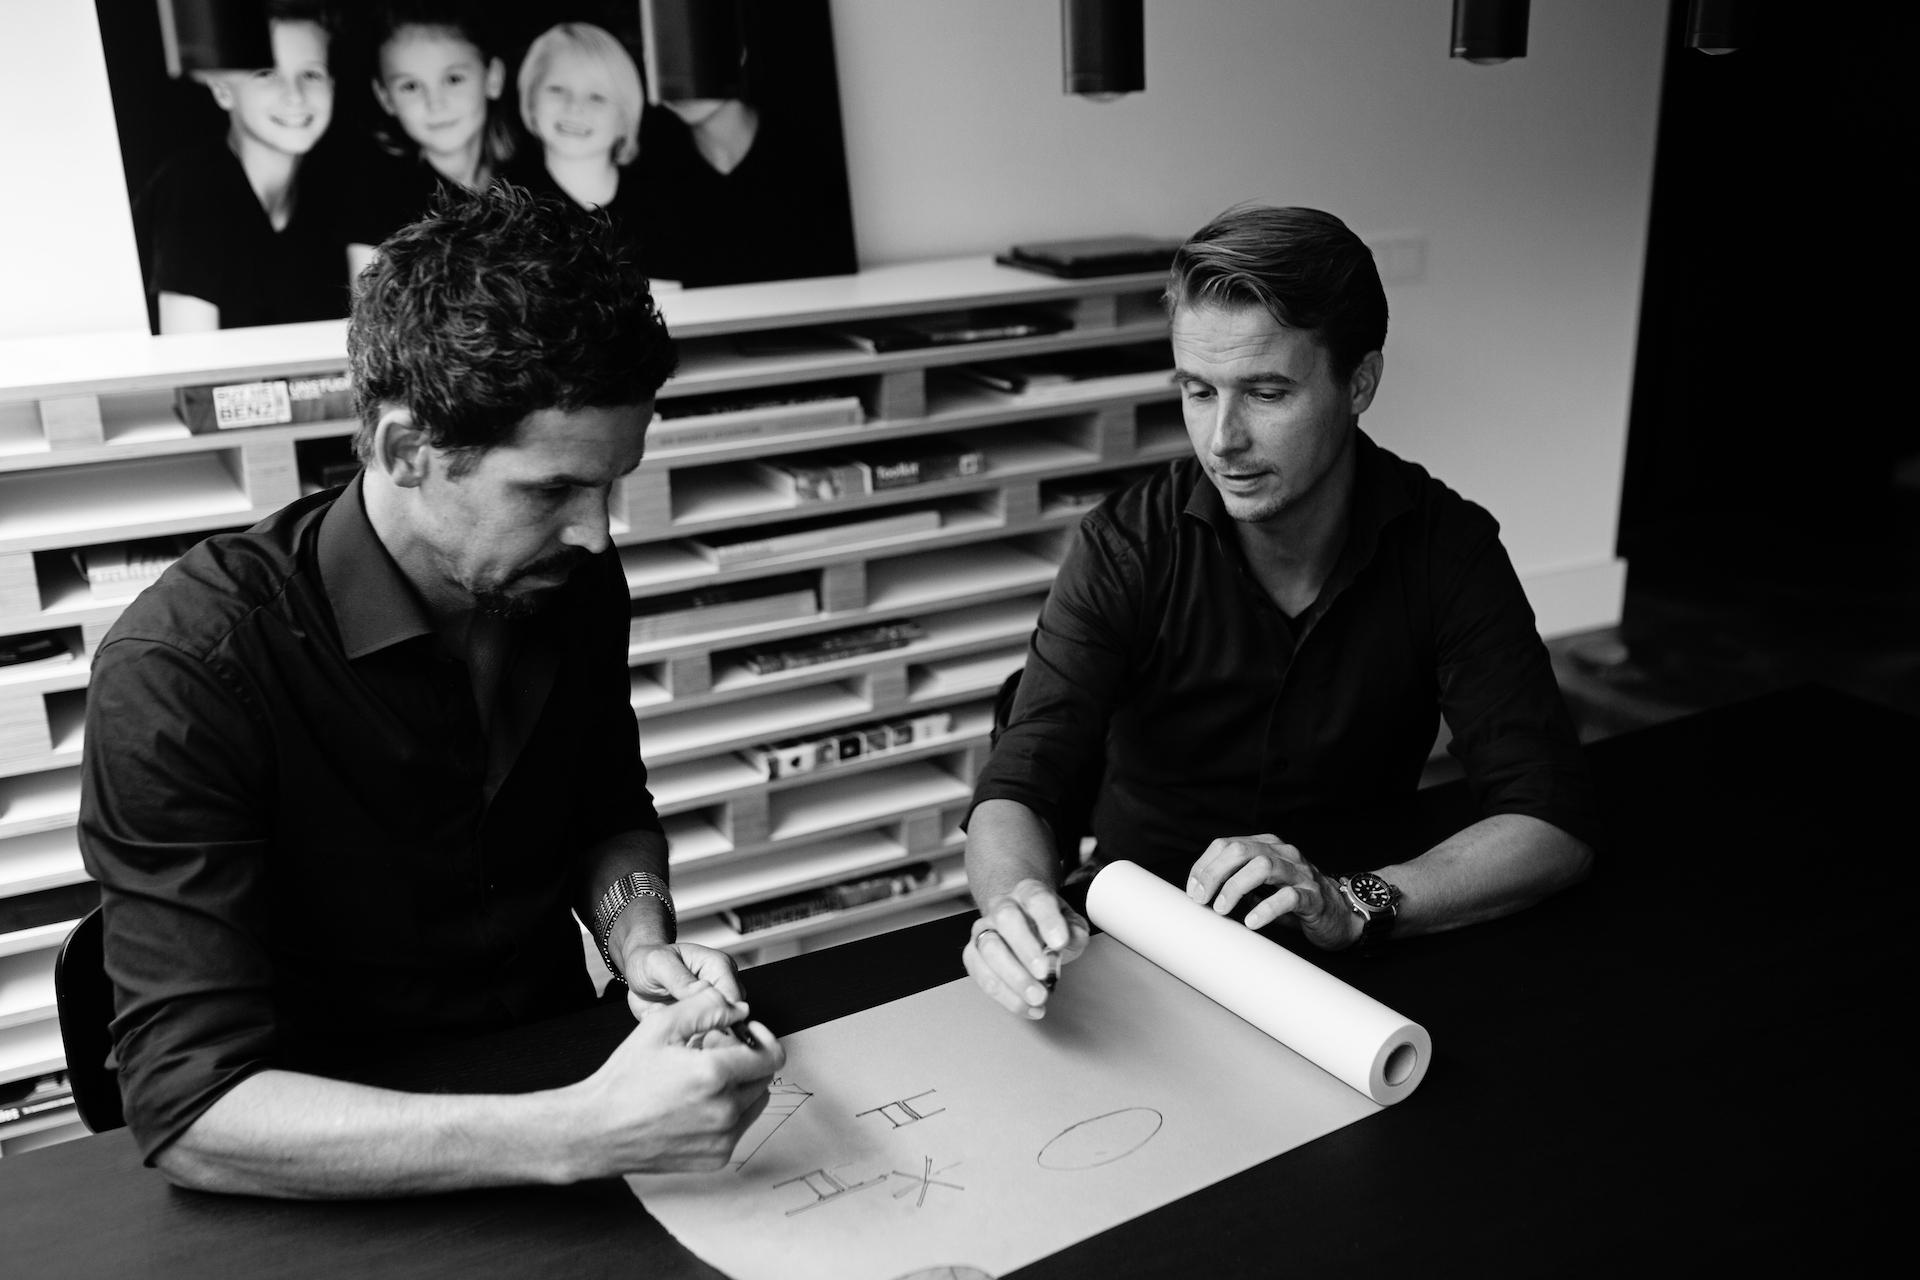 Ontwerpers en makers Carlo Abdul en Jasper van Rijn